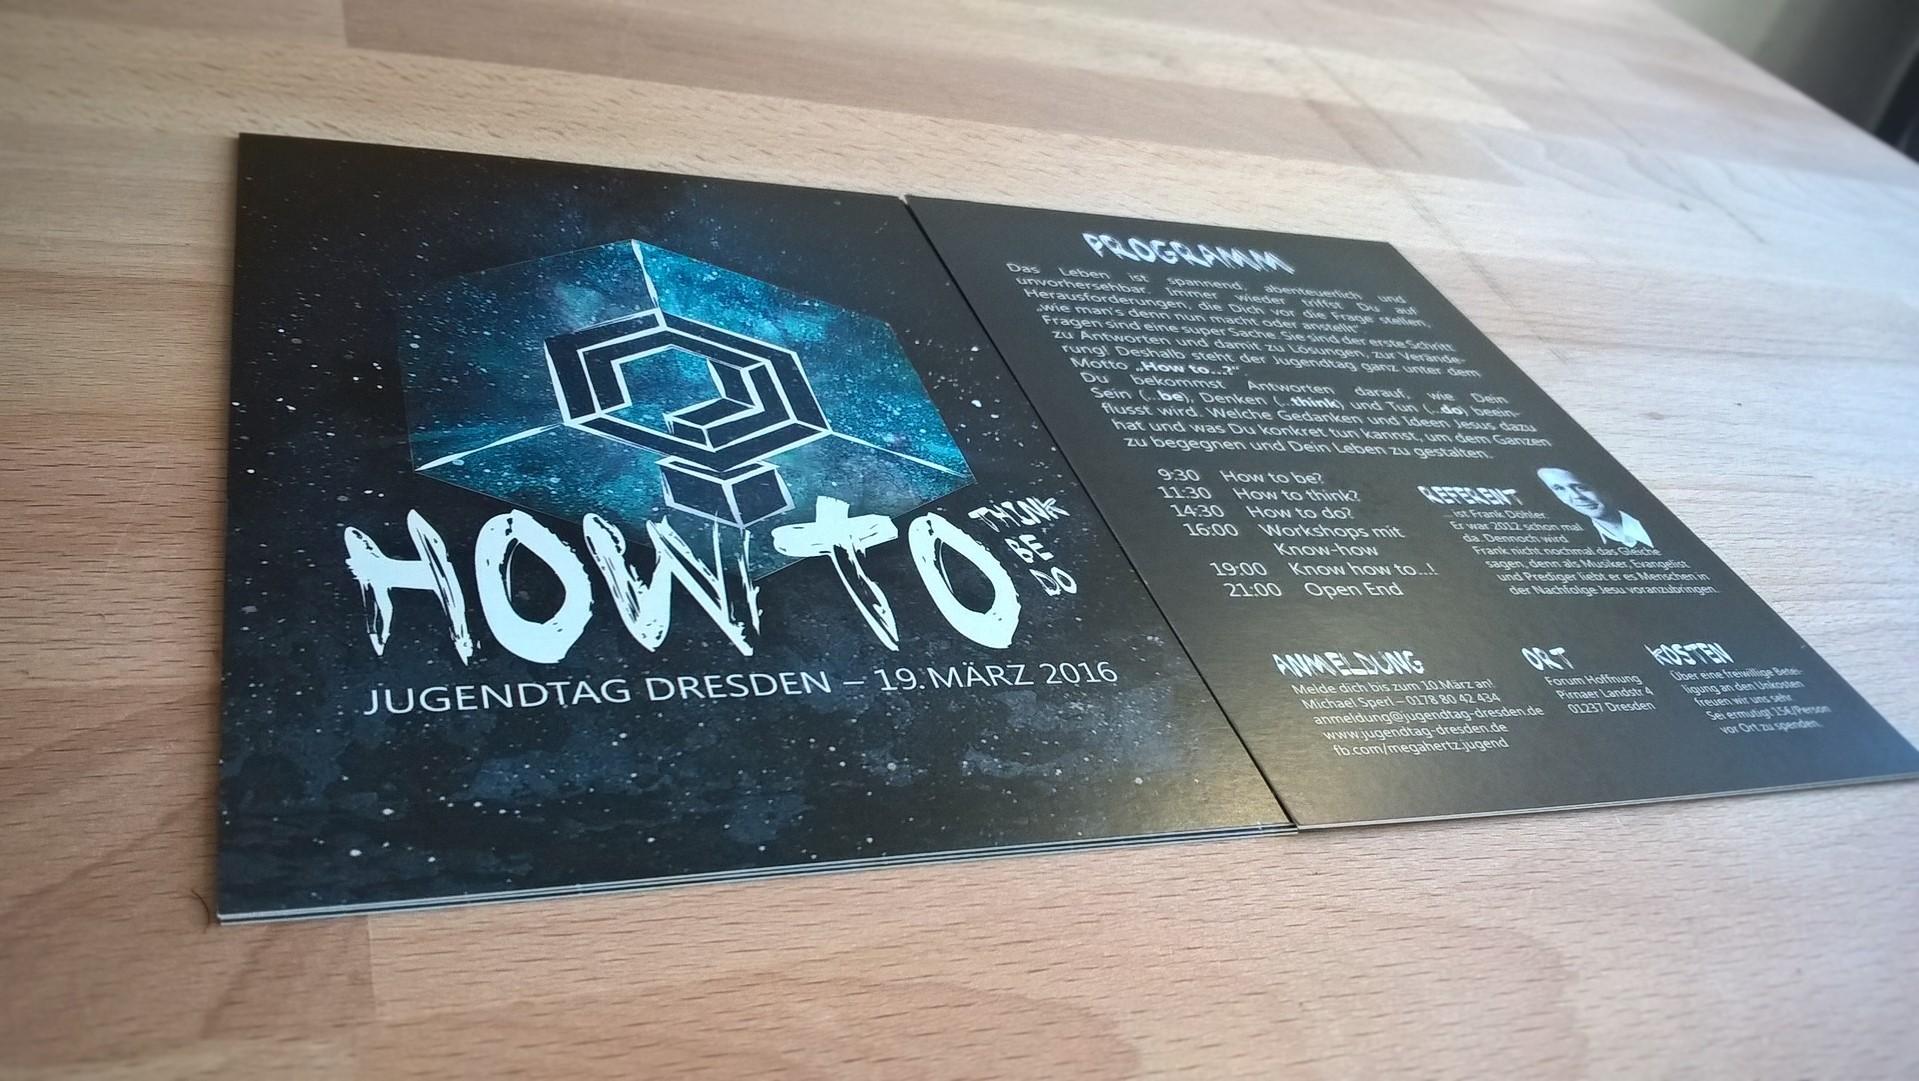 jugendtag-dresden-2016-flyer-how_to